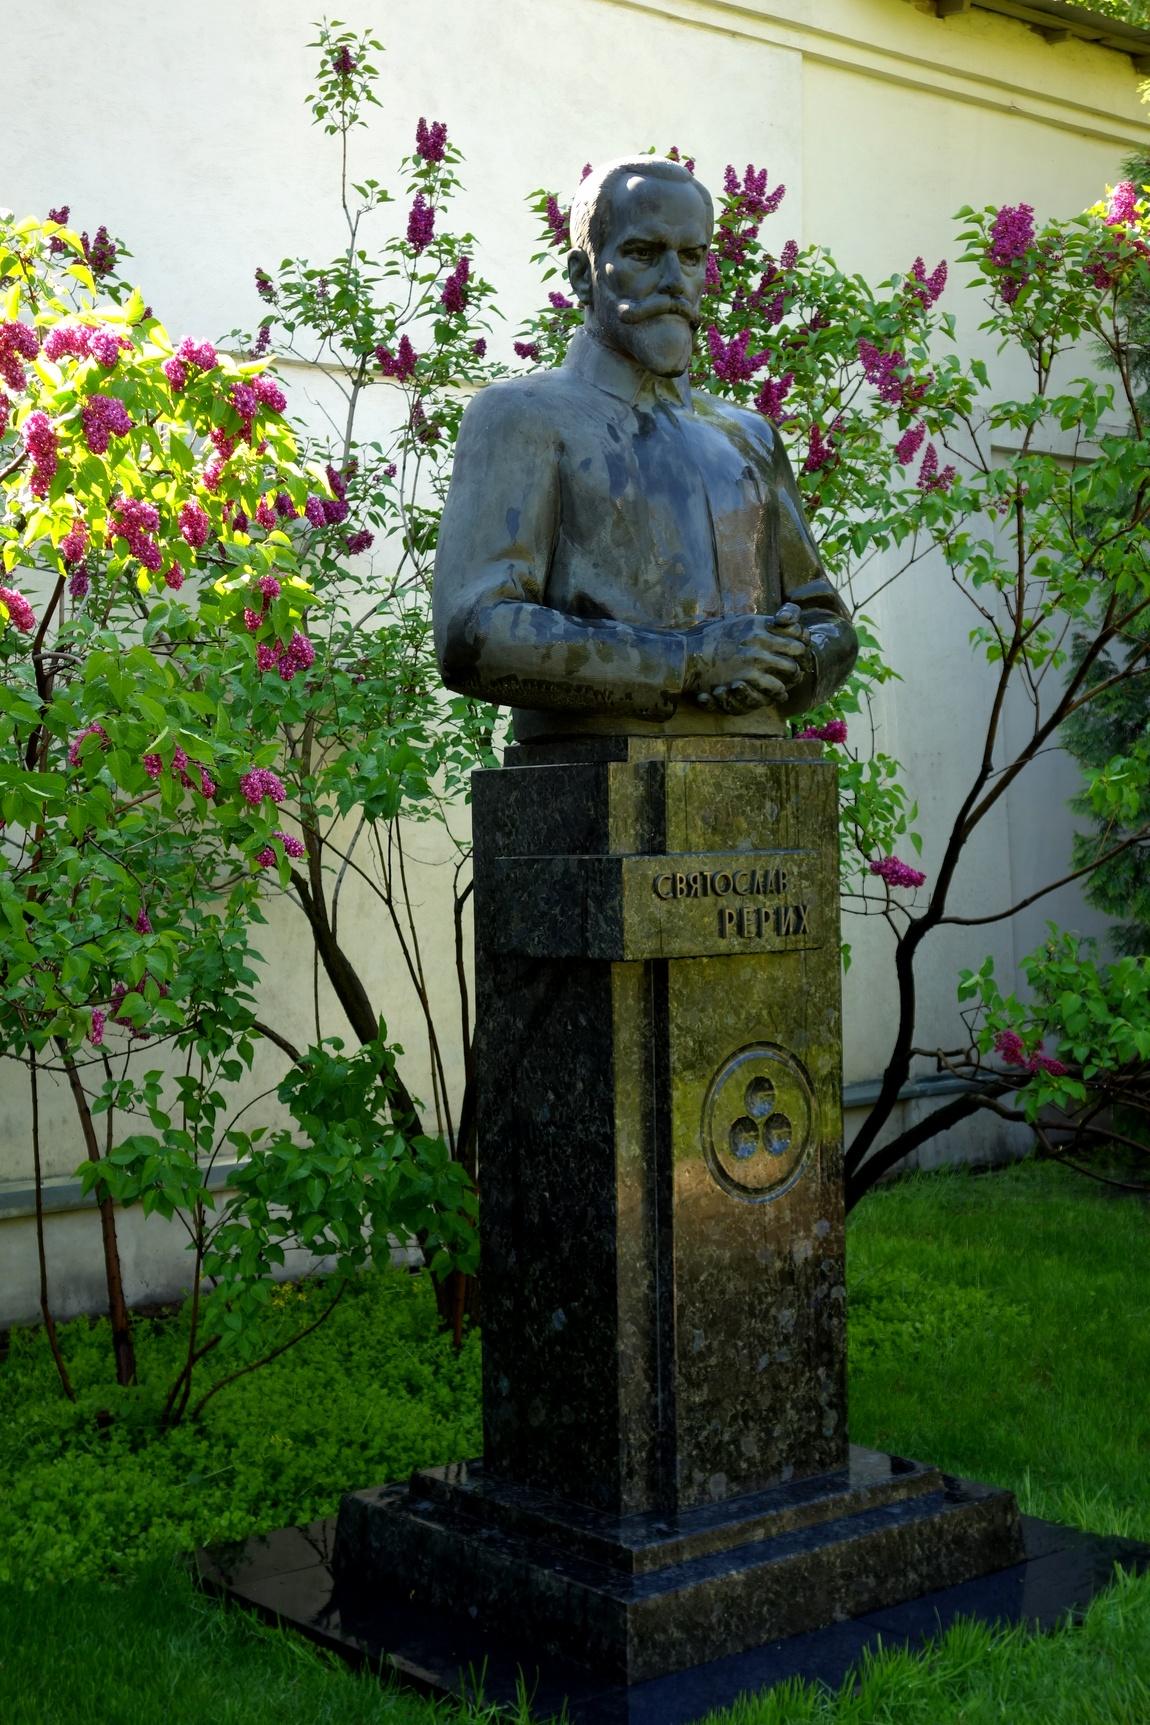 Музей Рериха - бюст Святослава Рериха